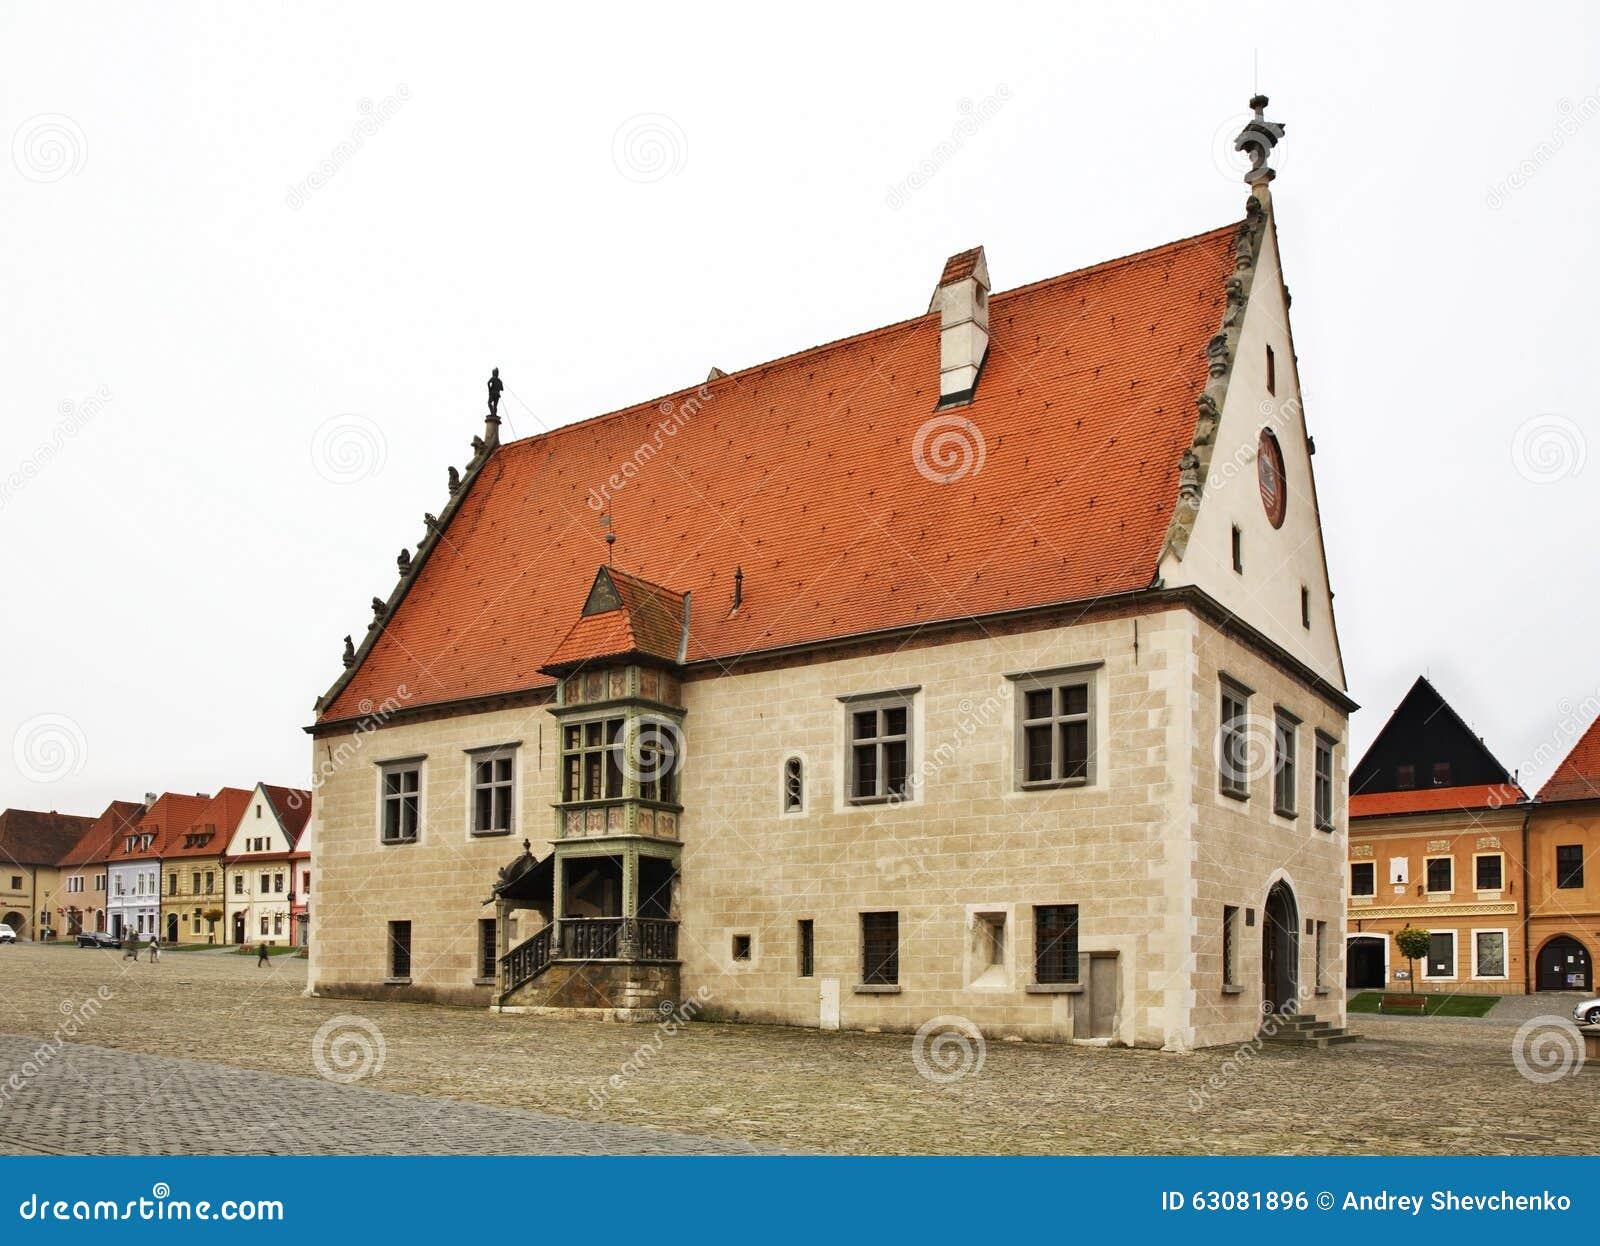 Download Maison Urbaine Sur La Place D'hôtel De Ville (mestie De ¡ De Nà De Né De  De RadniÄ) Dans Bardejov Photo stock - Image du ville, slovaque: 63081896